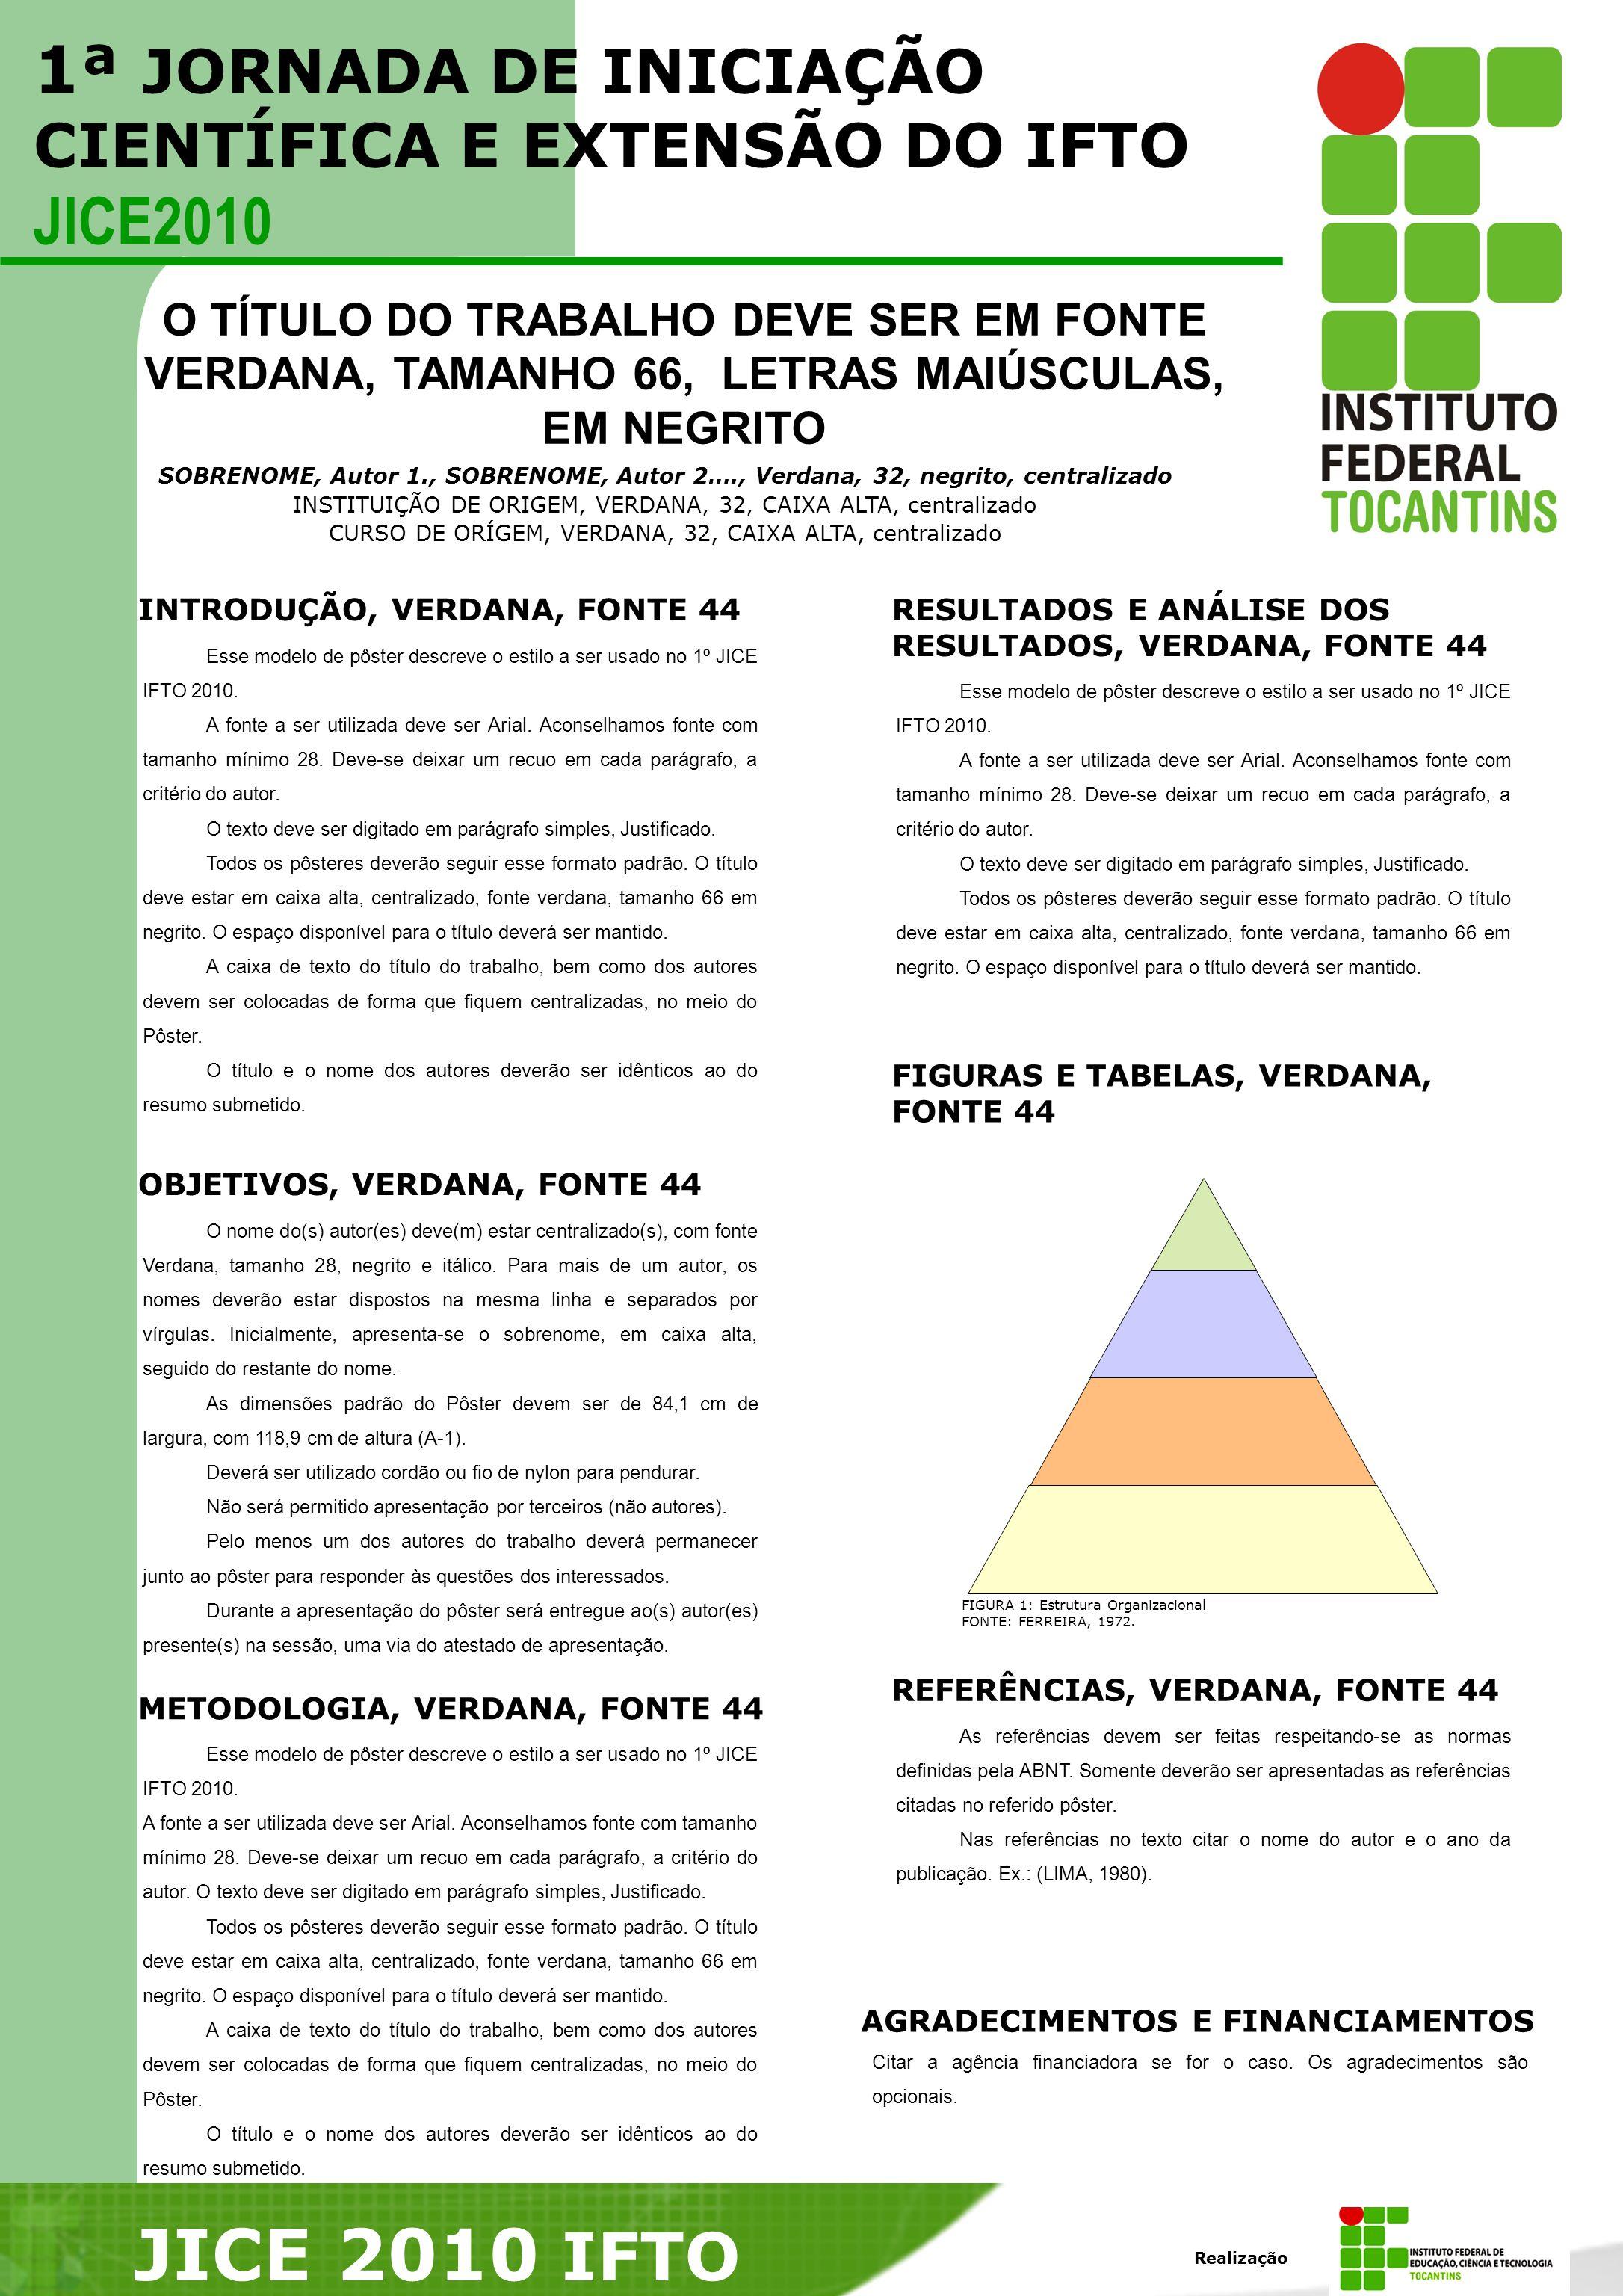 O TÍTULO DO TRABALHO DEVE SER EM FONTE VERDANA, TAMANHO 66, LETRAS MAIÚSCULAS, EM NEGRITO SOBRENOME, Autor 1., SOBRENOME, Autor 2…., Verdana, 32, negrito, centralizado INSTITUIÇÃO DE ORIGEM, VERDANA, 32, CAIXA ALTA, centralizado CURSO DE ORÍGEM, VERDANA, 32, CAIXA ALTA, centralizado INTRODUÇÃO, VERDANA, FONTE 44 Esse modelo de pôster descreve o estilo a ser usado no 1º JICE IFTO 2010.